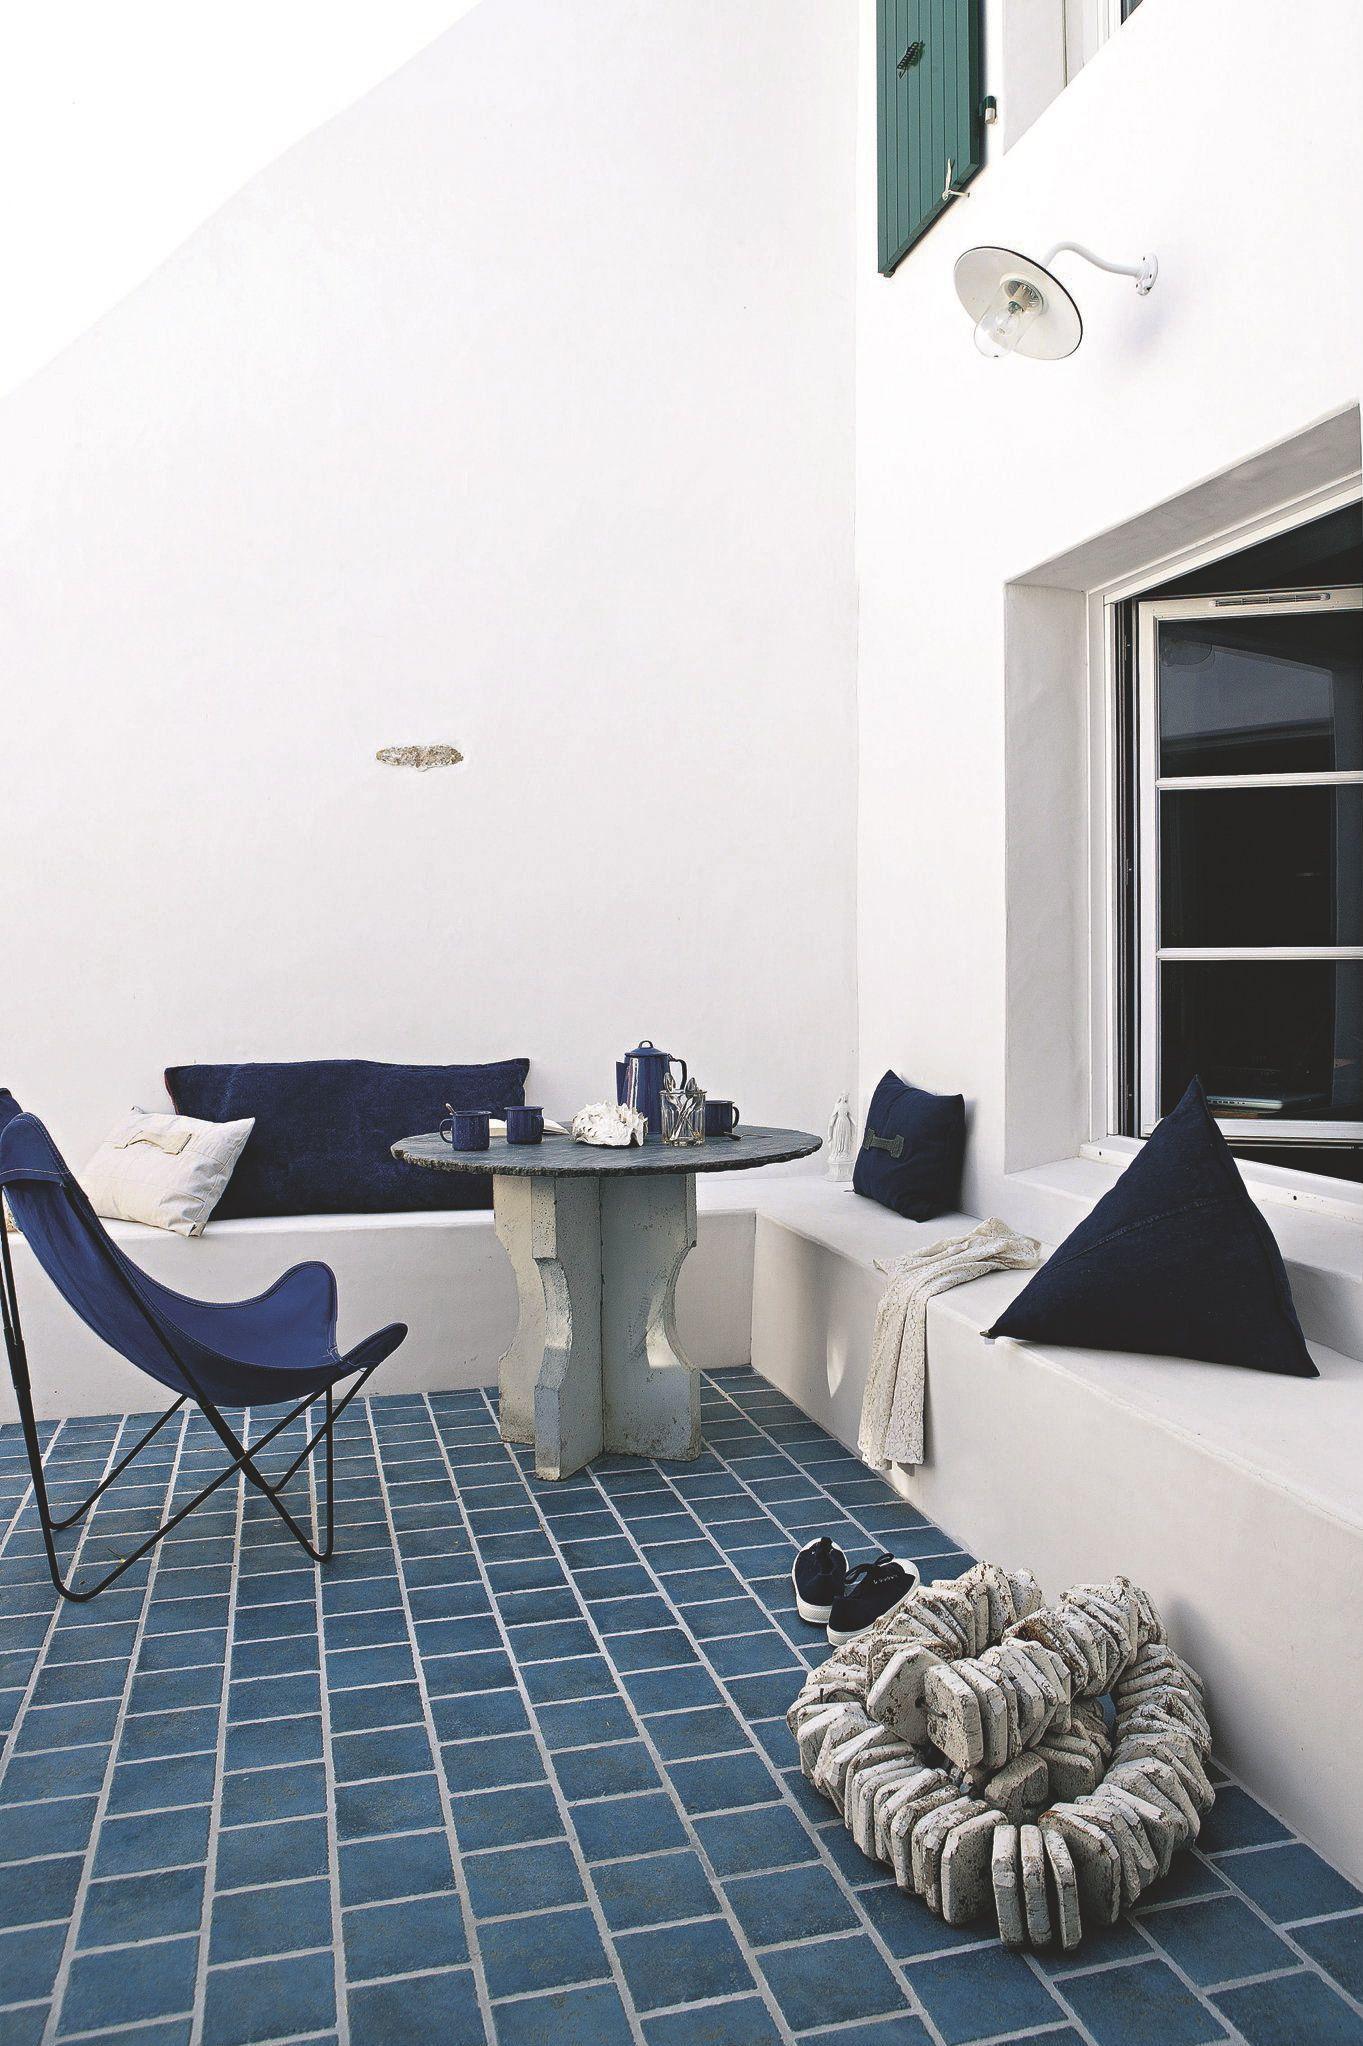 patio-grec-idées-déco-bord-de-mer | My Houch ... | Pinterest